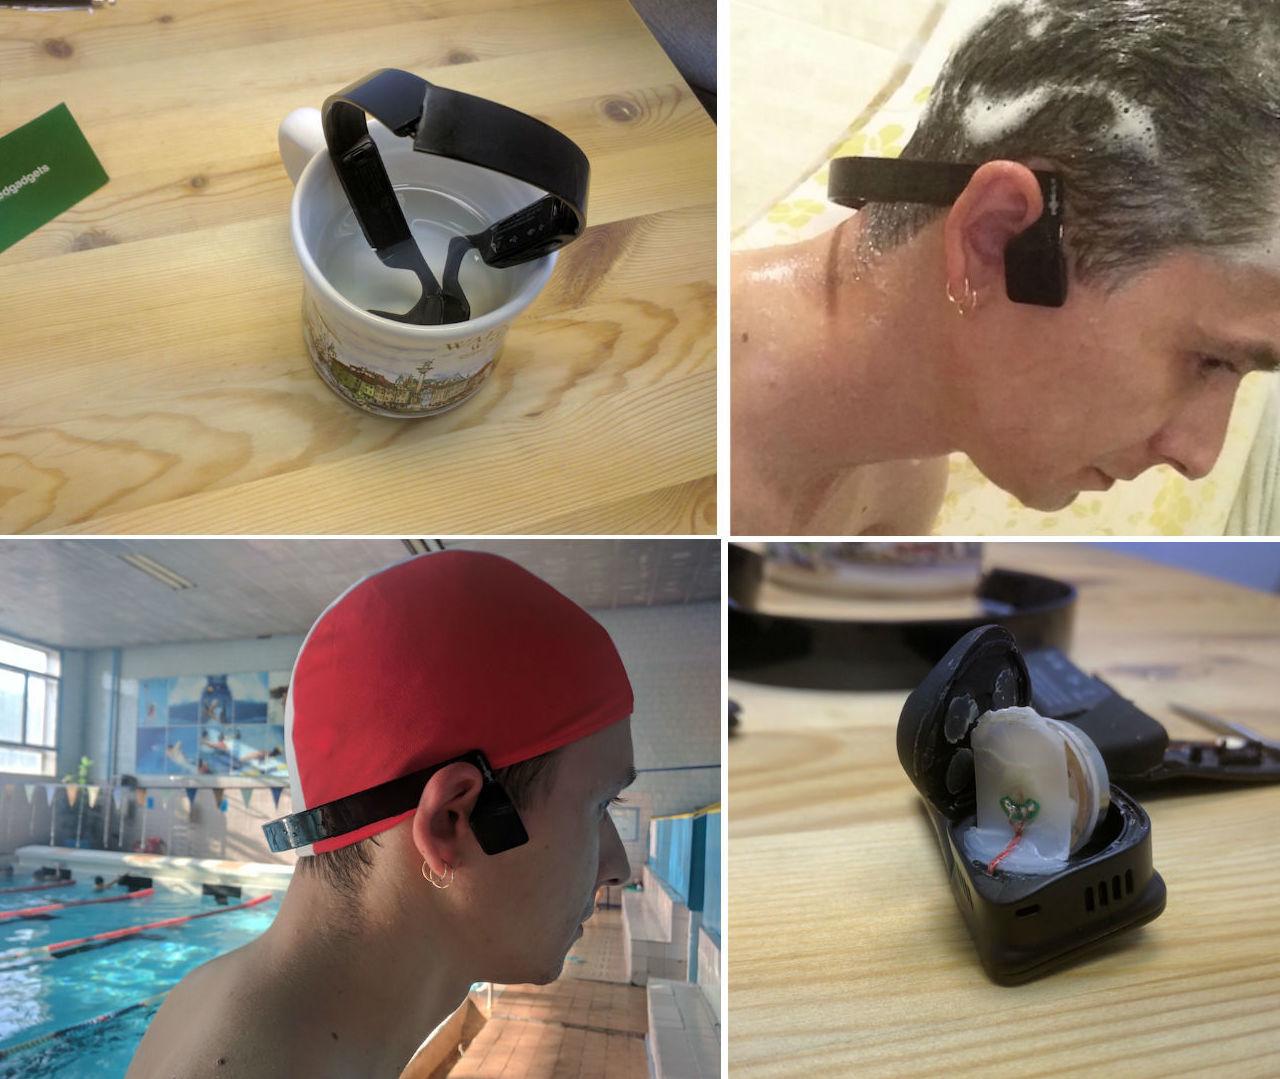 Наушники для плавания Xtrainerz от Aftershokz с костной проводимостью звука — вышло круто - 6